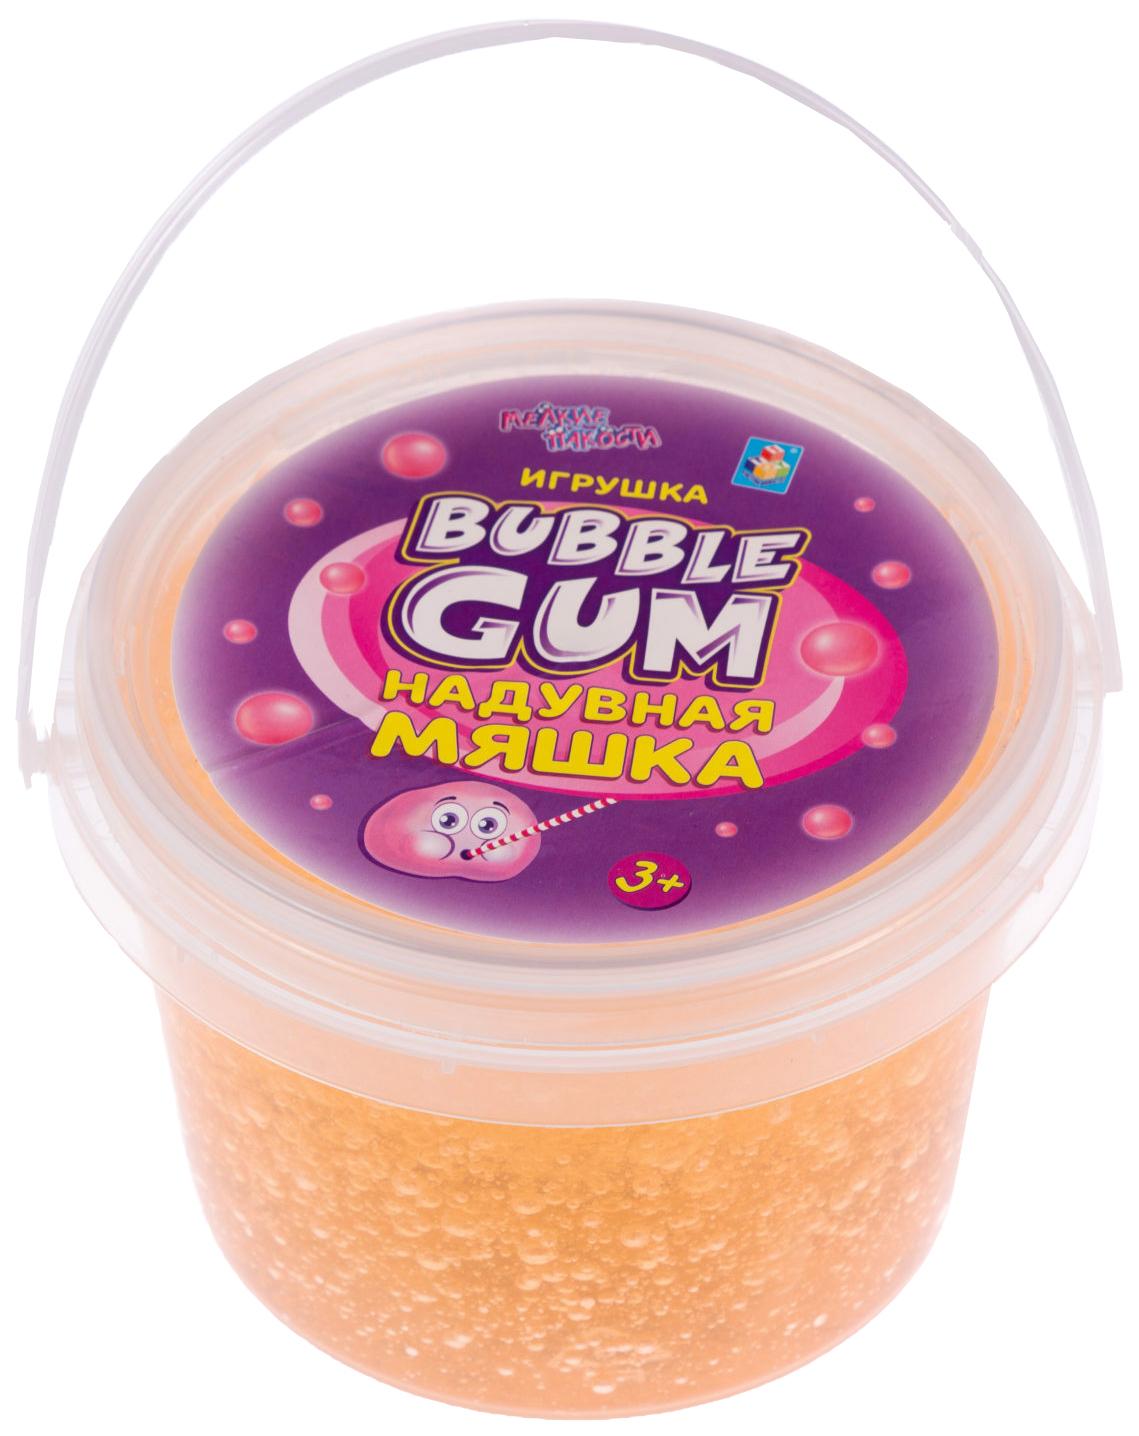 Мяшка 1Toy Мелкие пакости Bubble gum 500 г 1 TOY